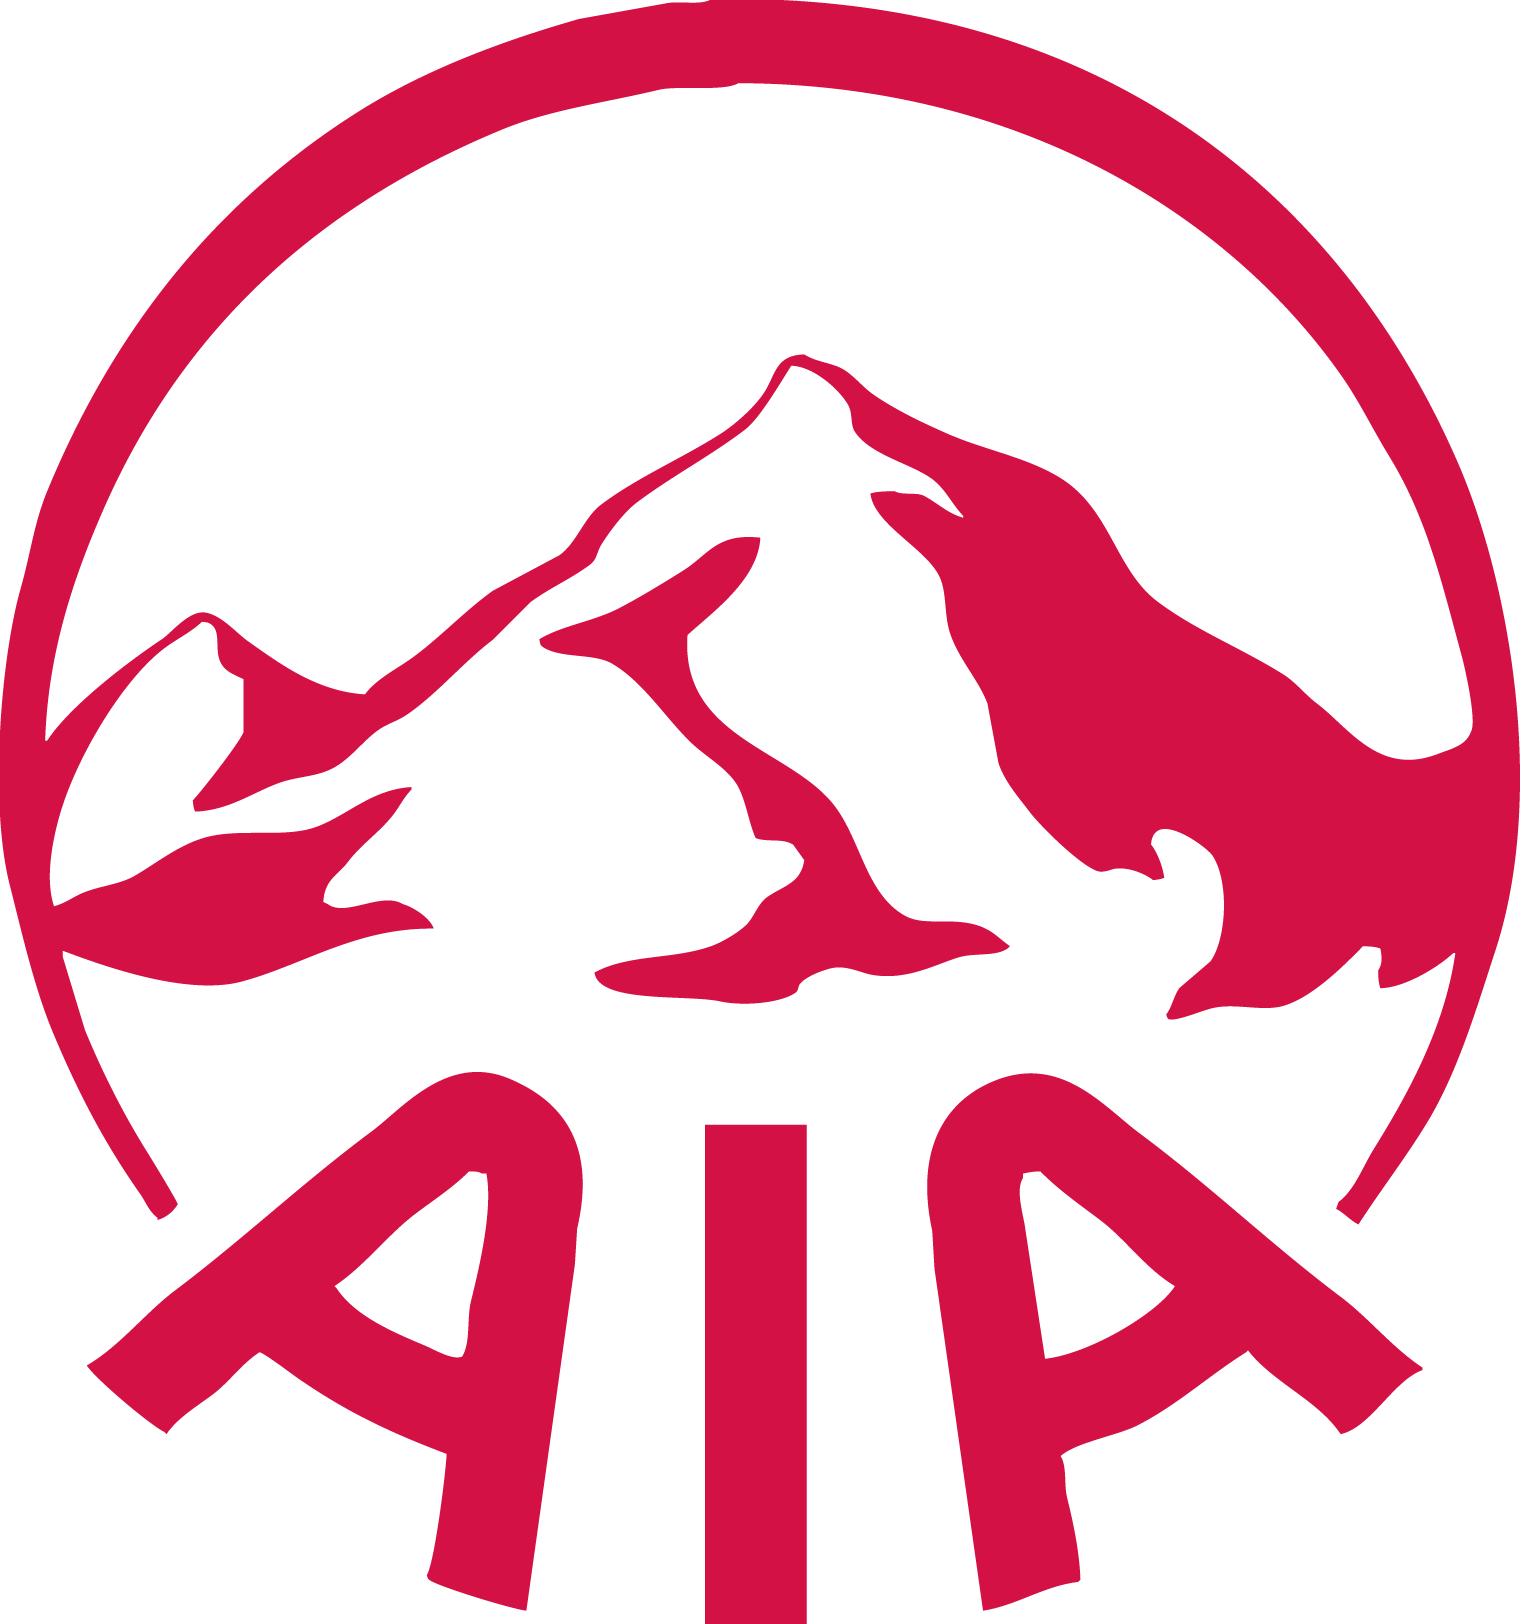 gtimedia-gradmalaysia-AIA-Shared-Services-logo-V2-2019